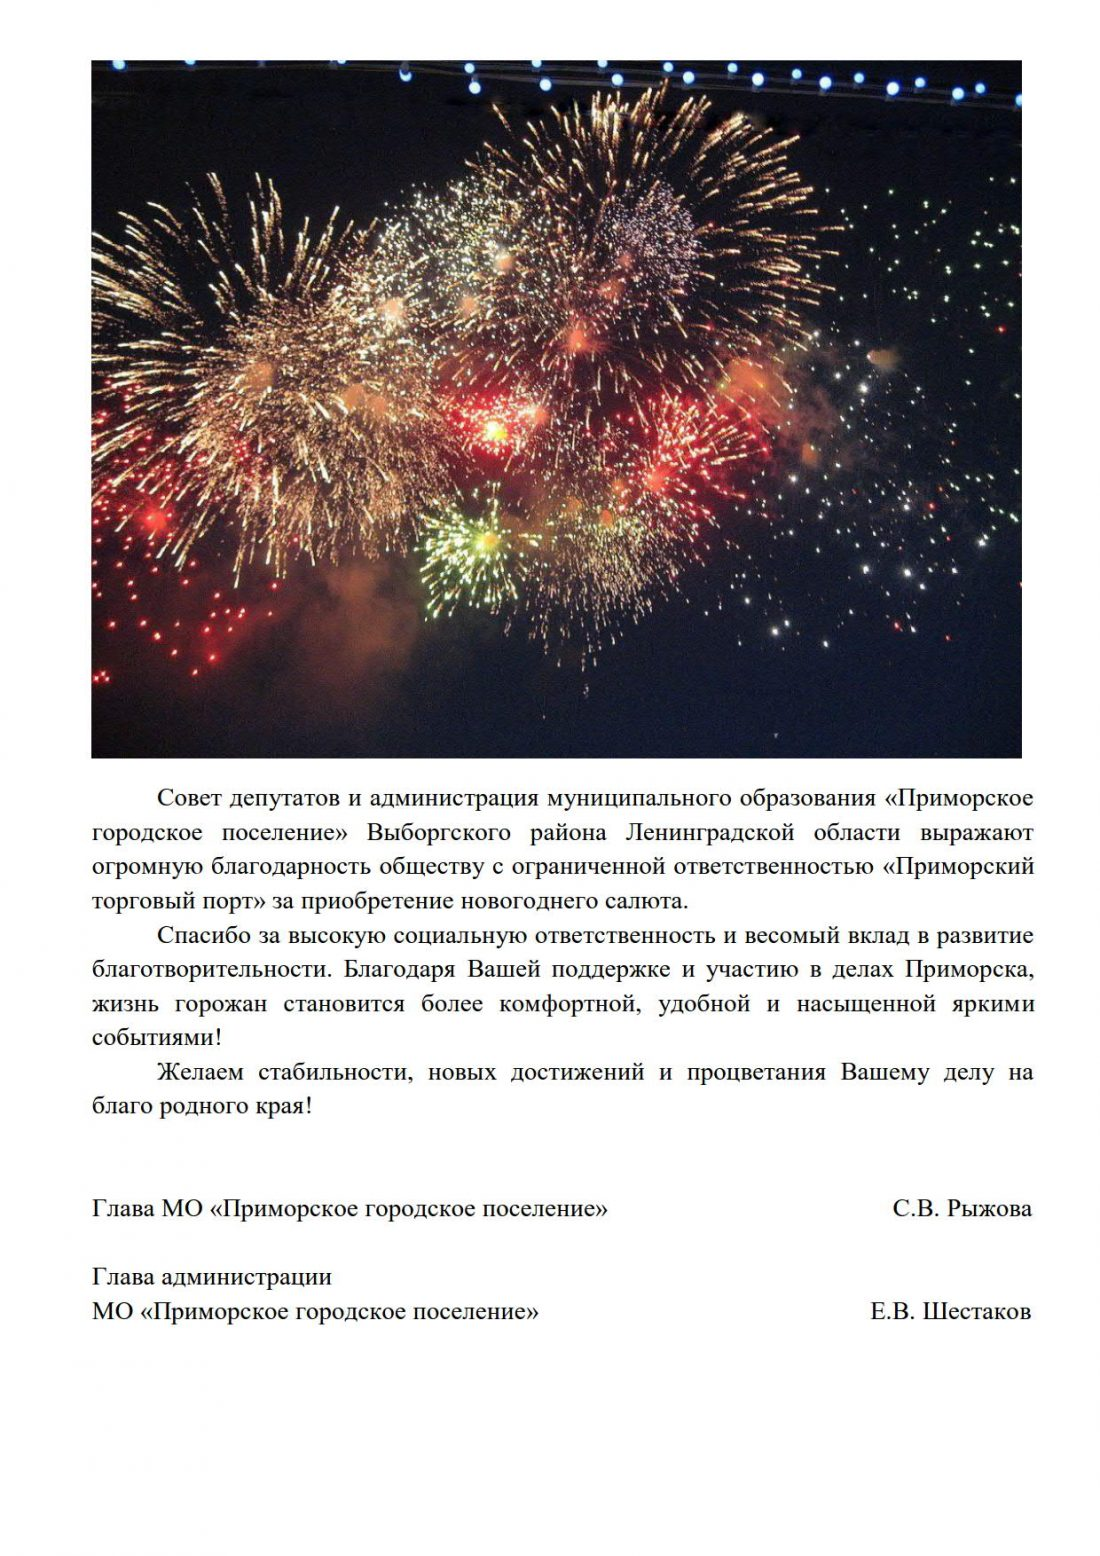 Салют пресс-релиз_1